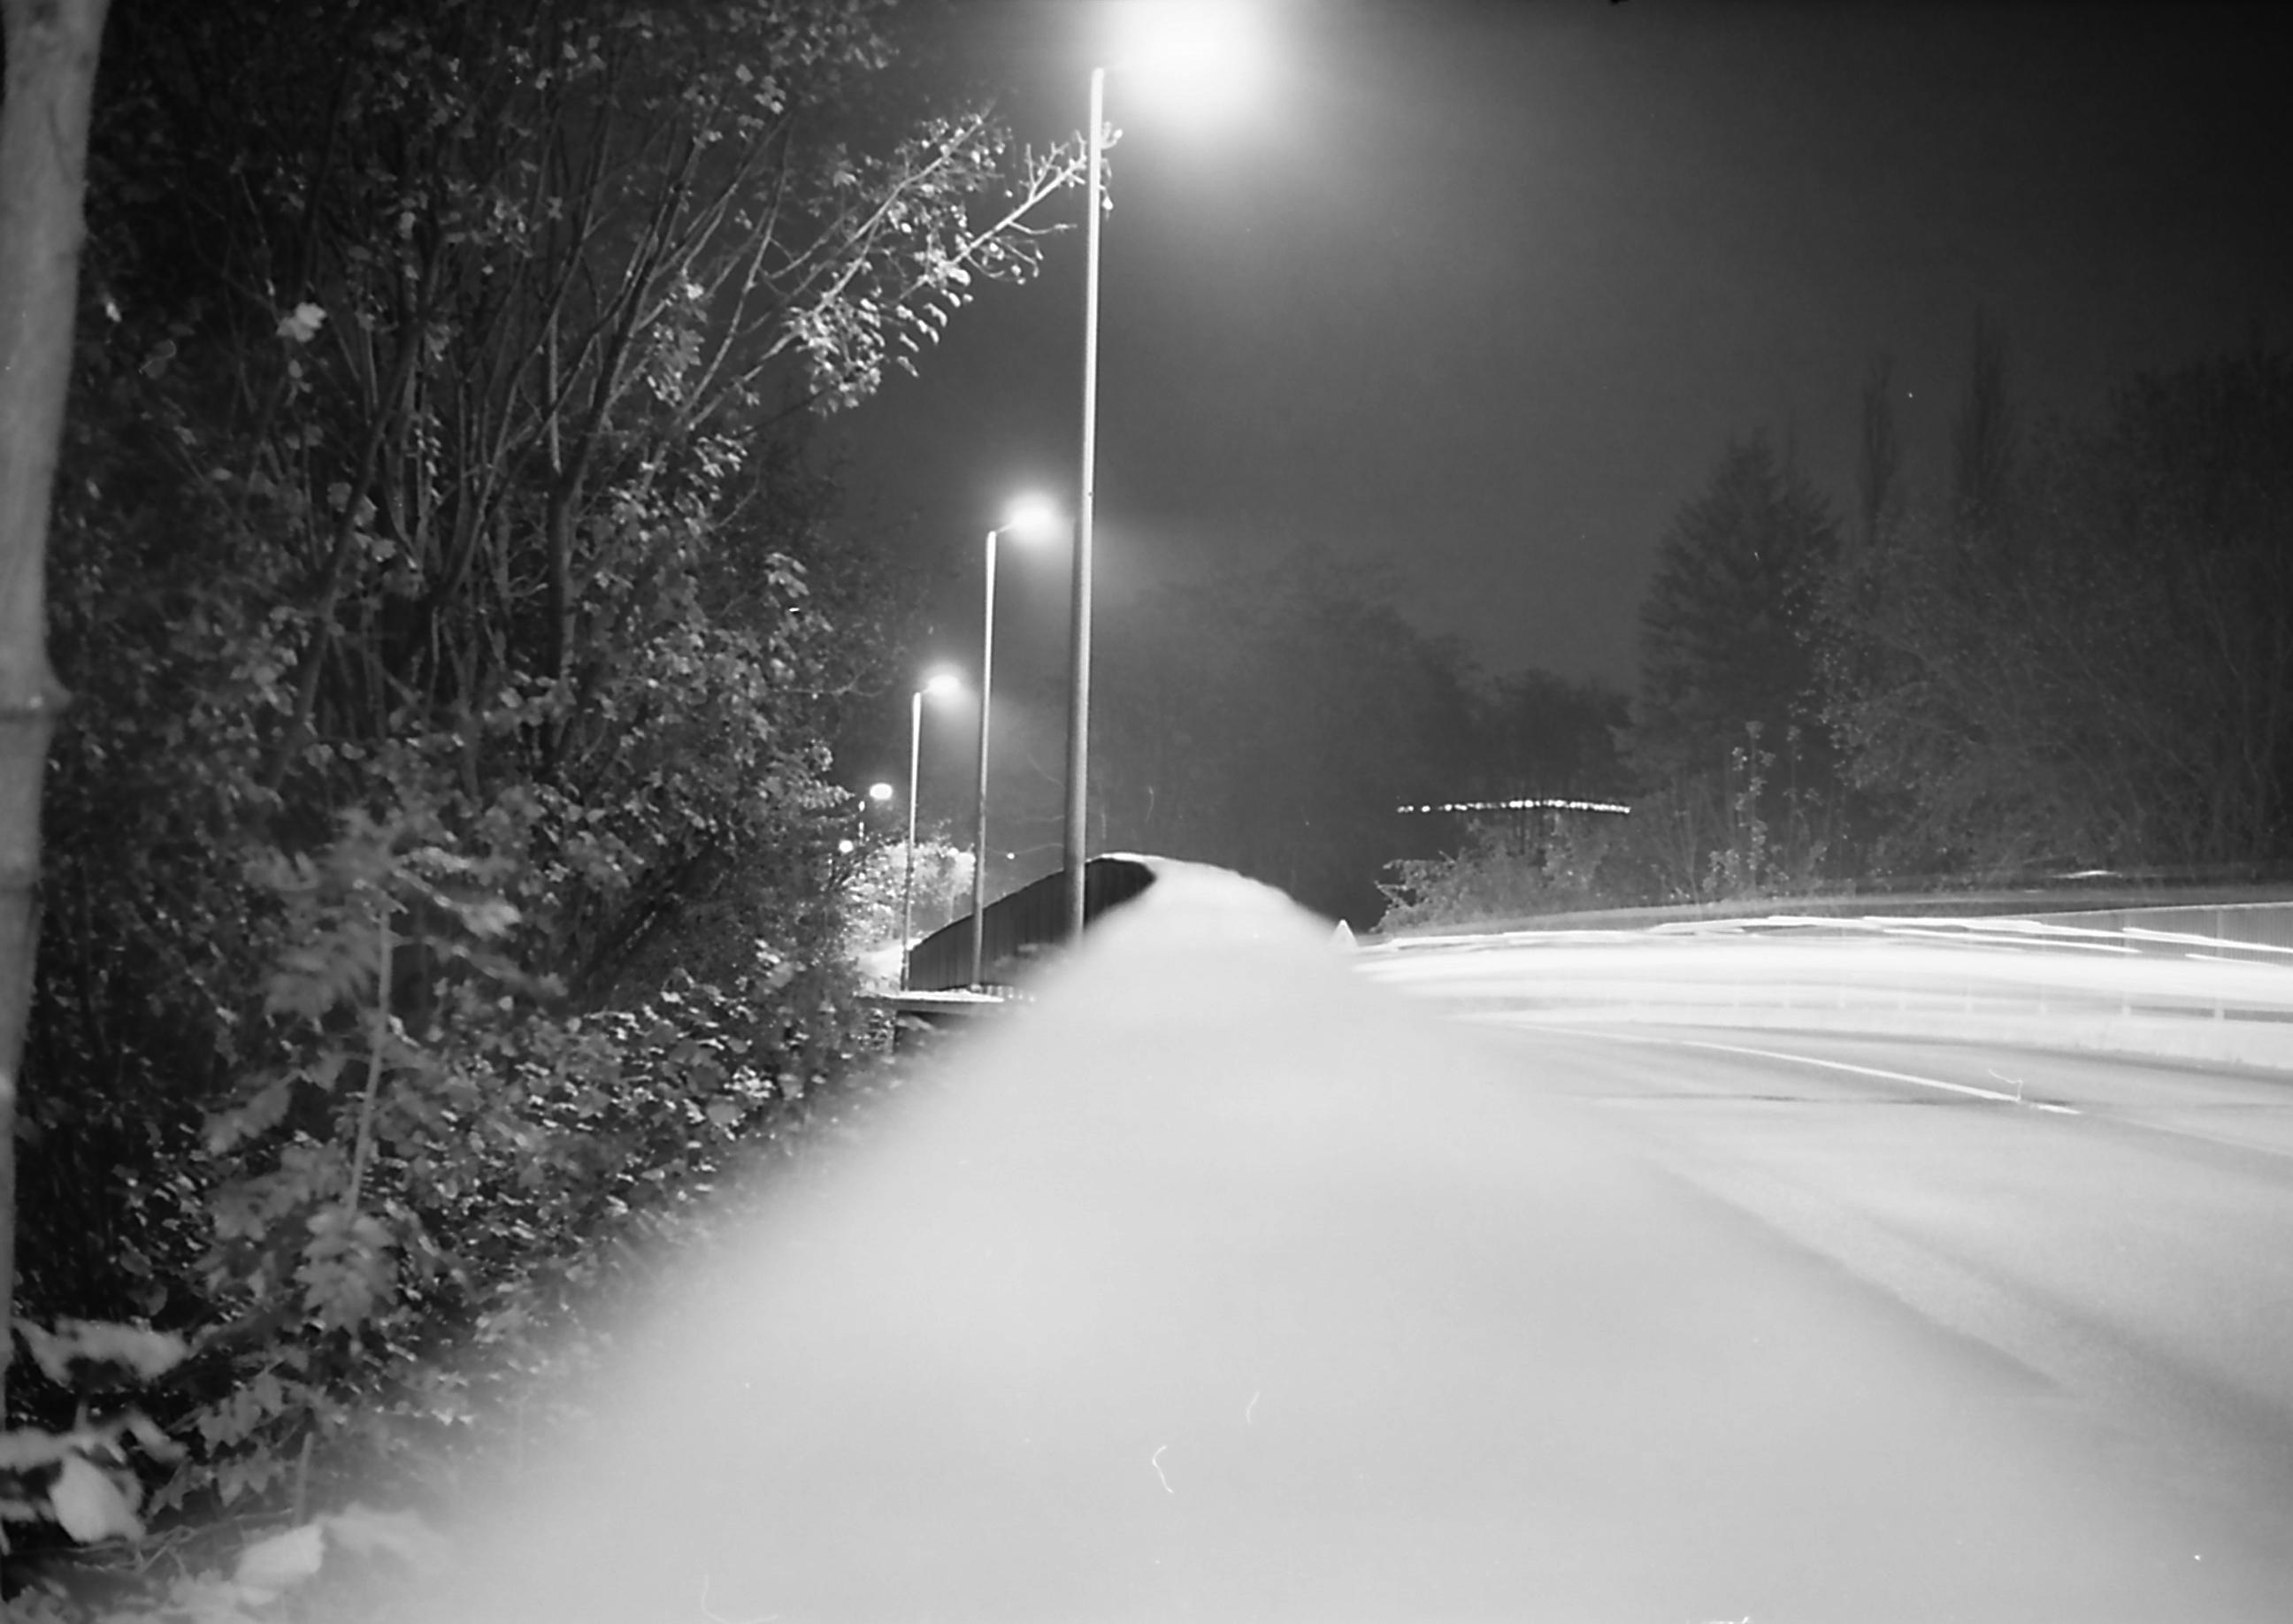 Light blackandwhite bw film night analog 35mm germany deutschland licht europa nacht kodak rangefinder nrw sw